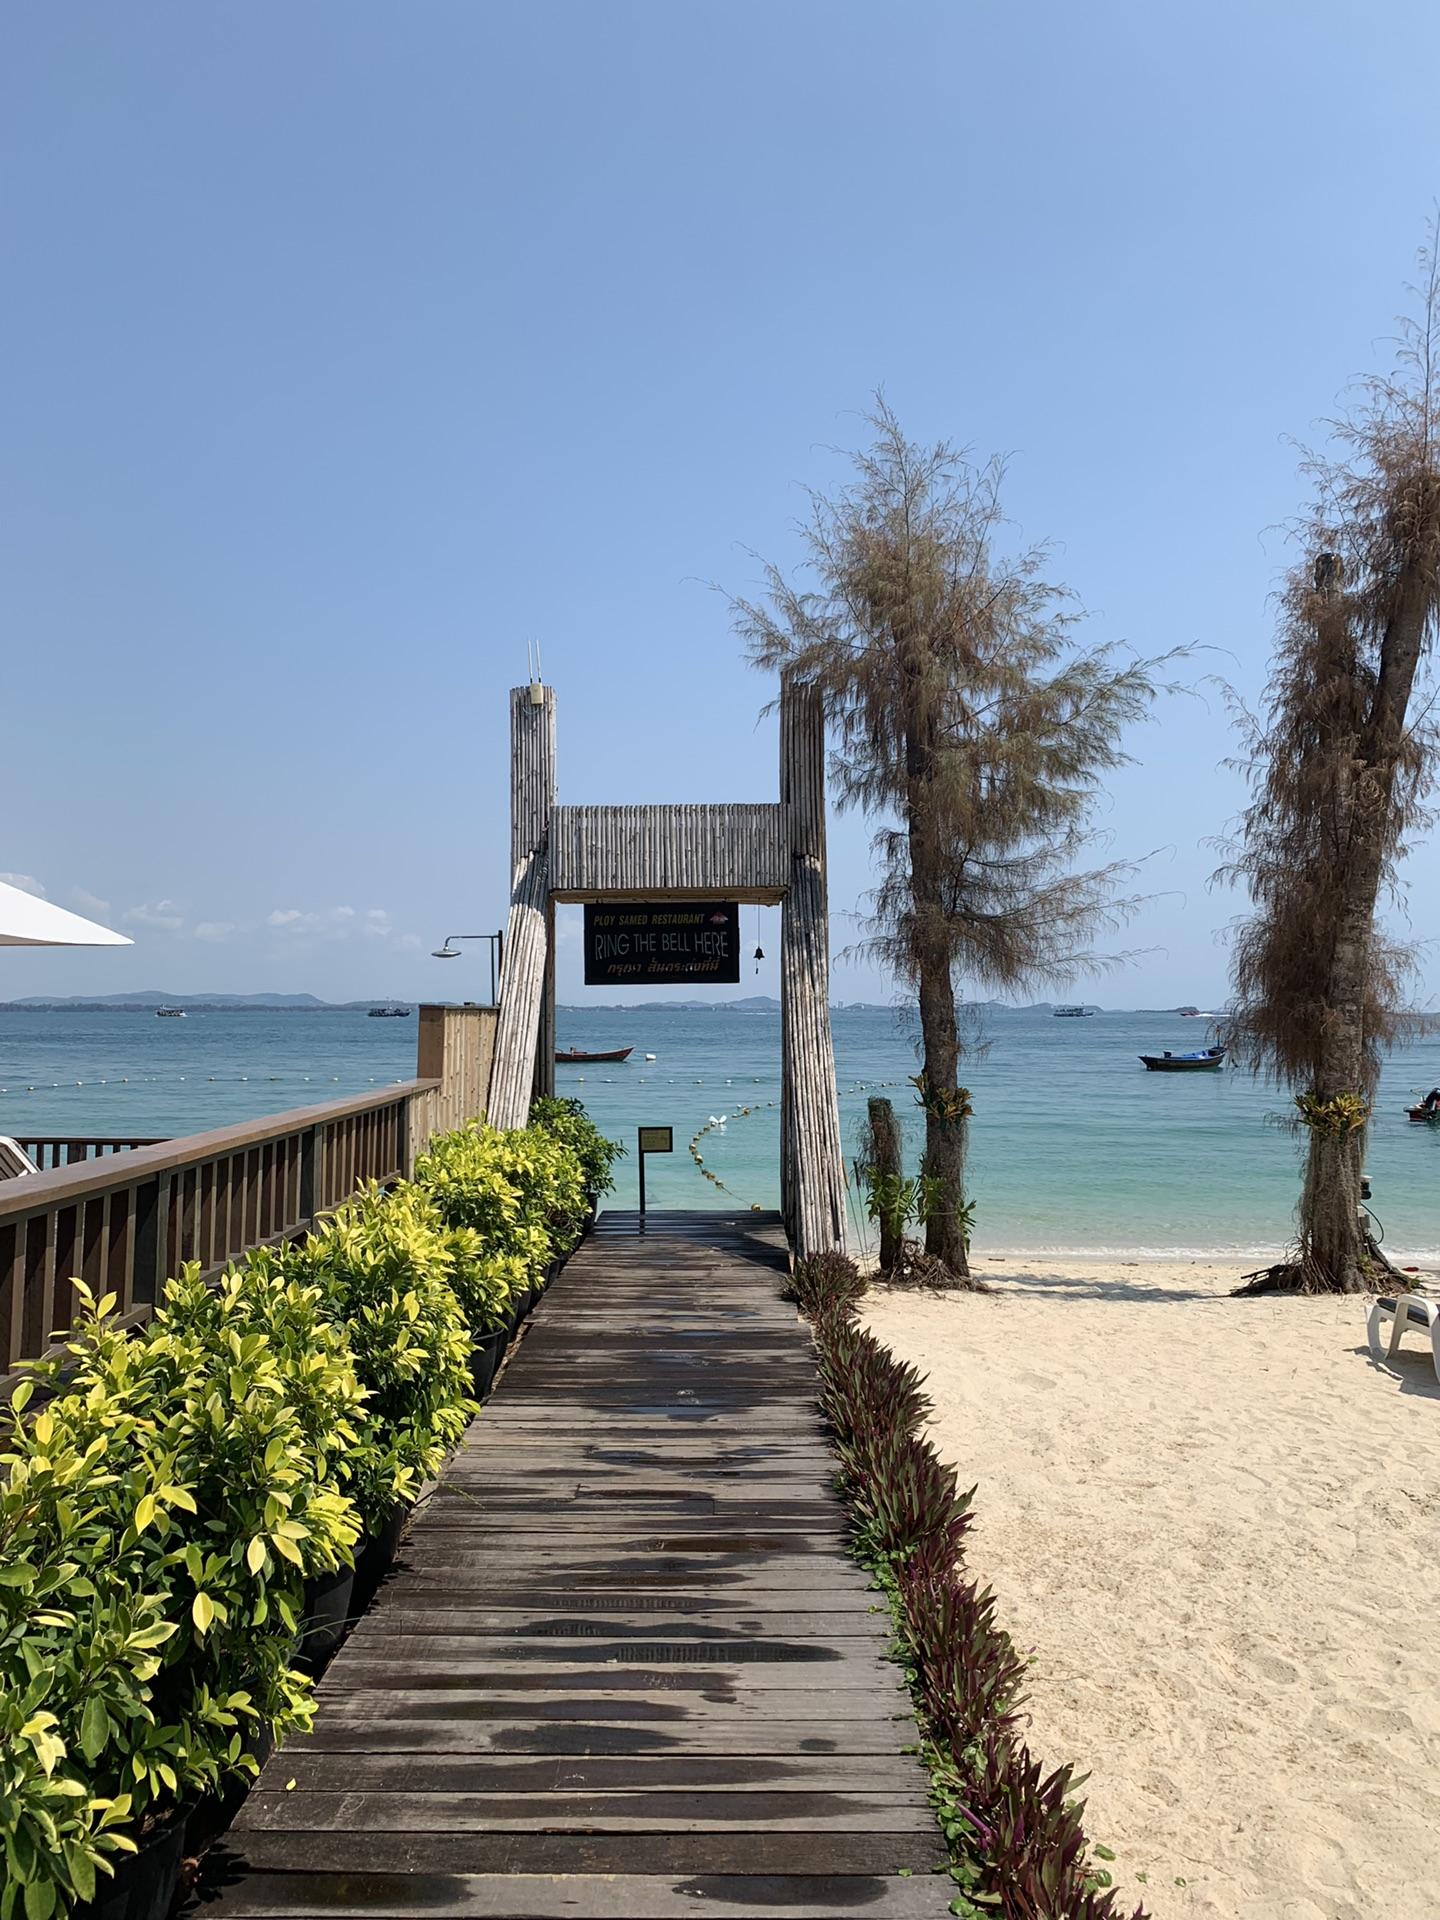 第一次去泰国从准备到回归,希望给予大家帮助⑦